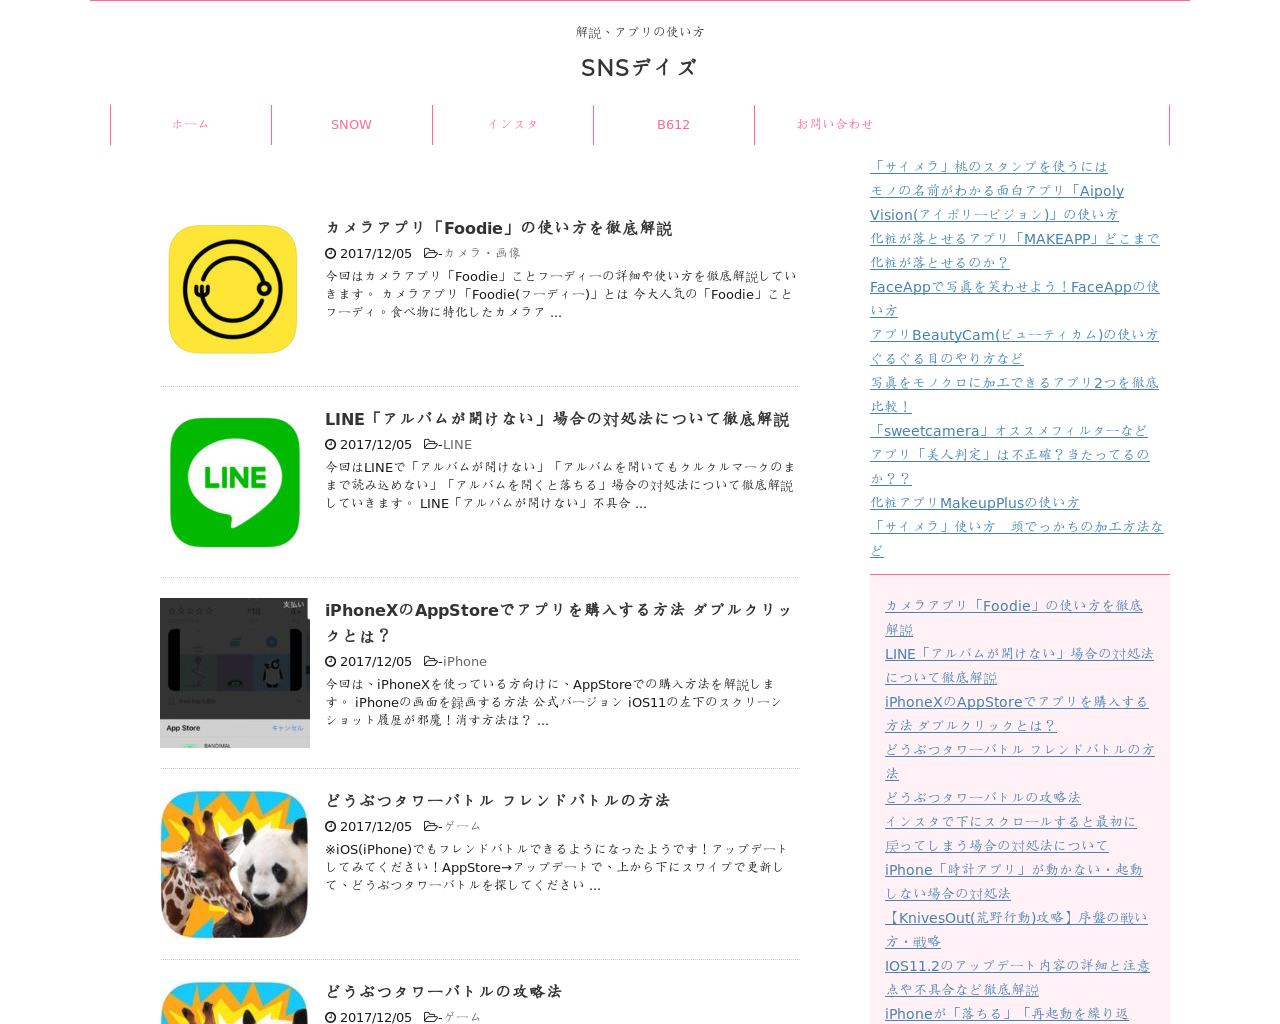 snsdays.com(2017/12/07 21:56:50)